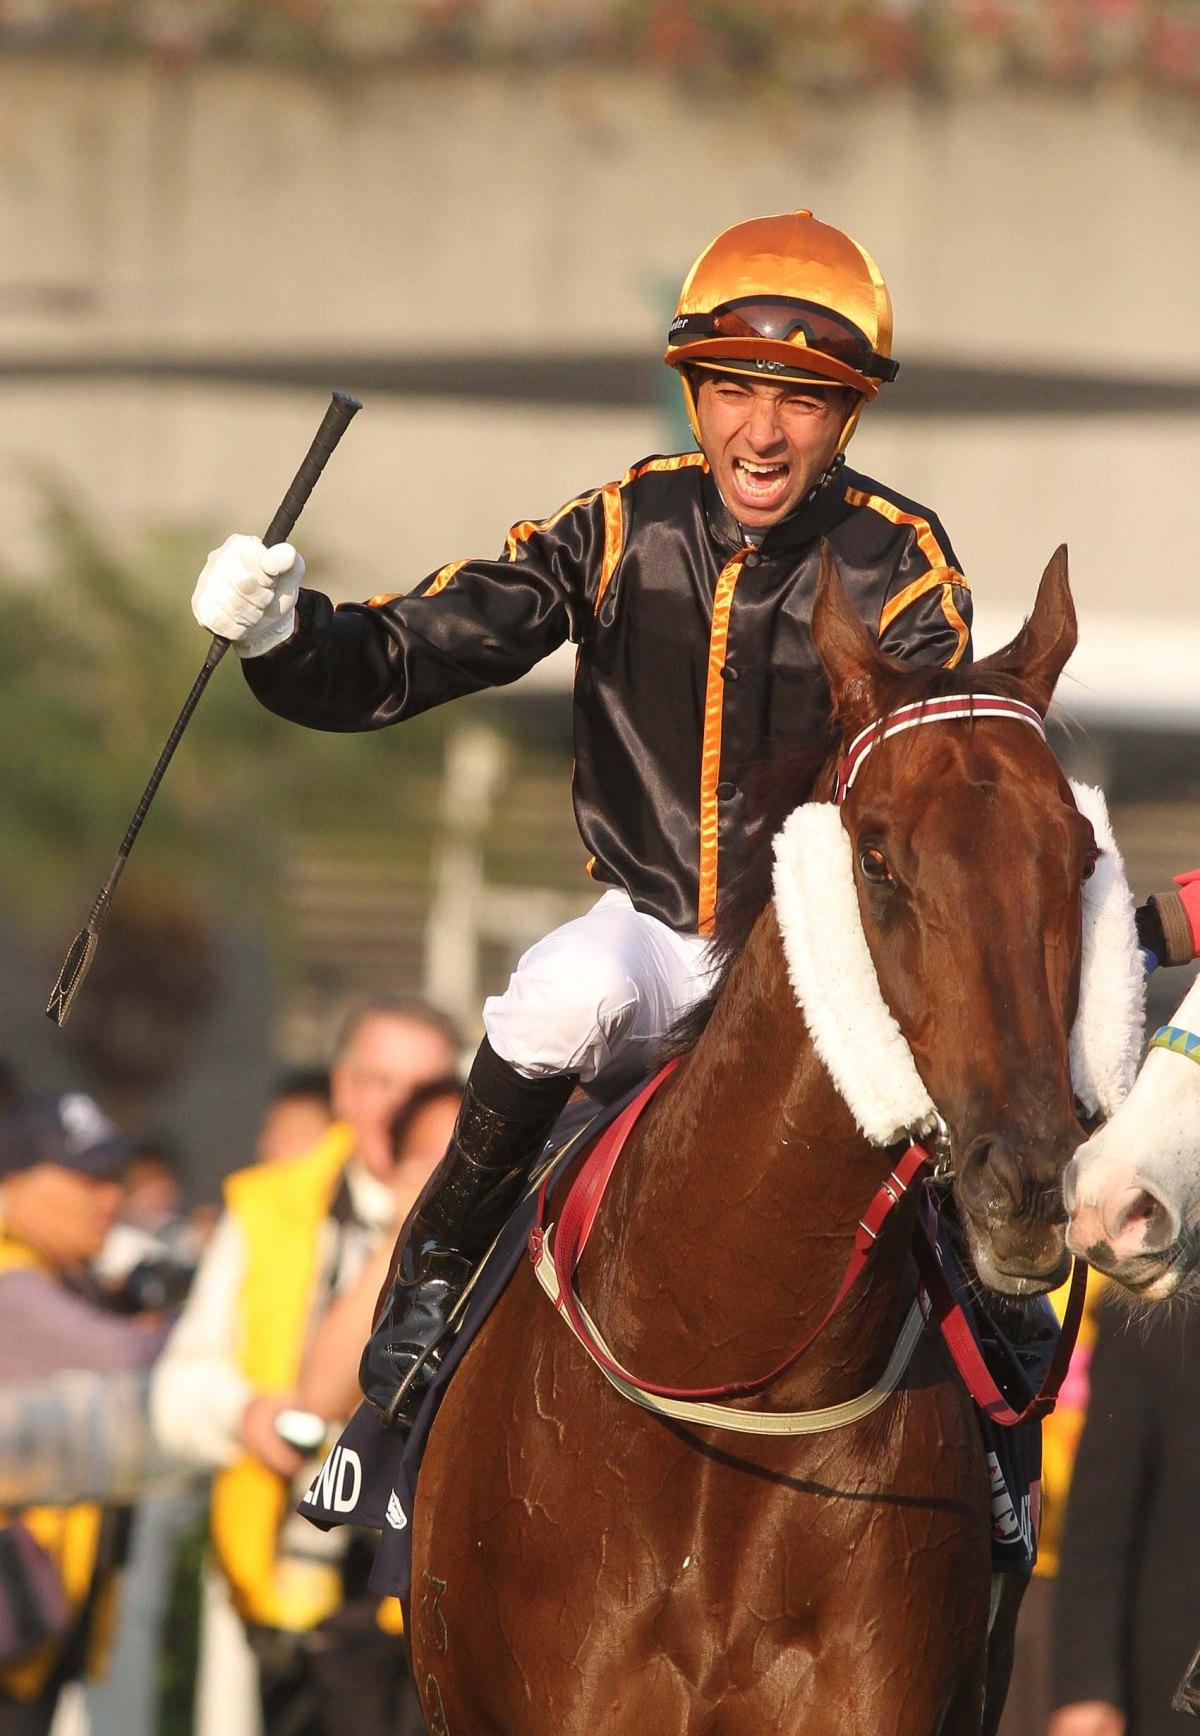 [JerryMa]香港一哩錦標,步步友盡顯一哩皇者本色